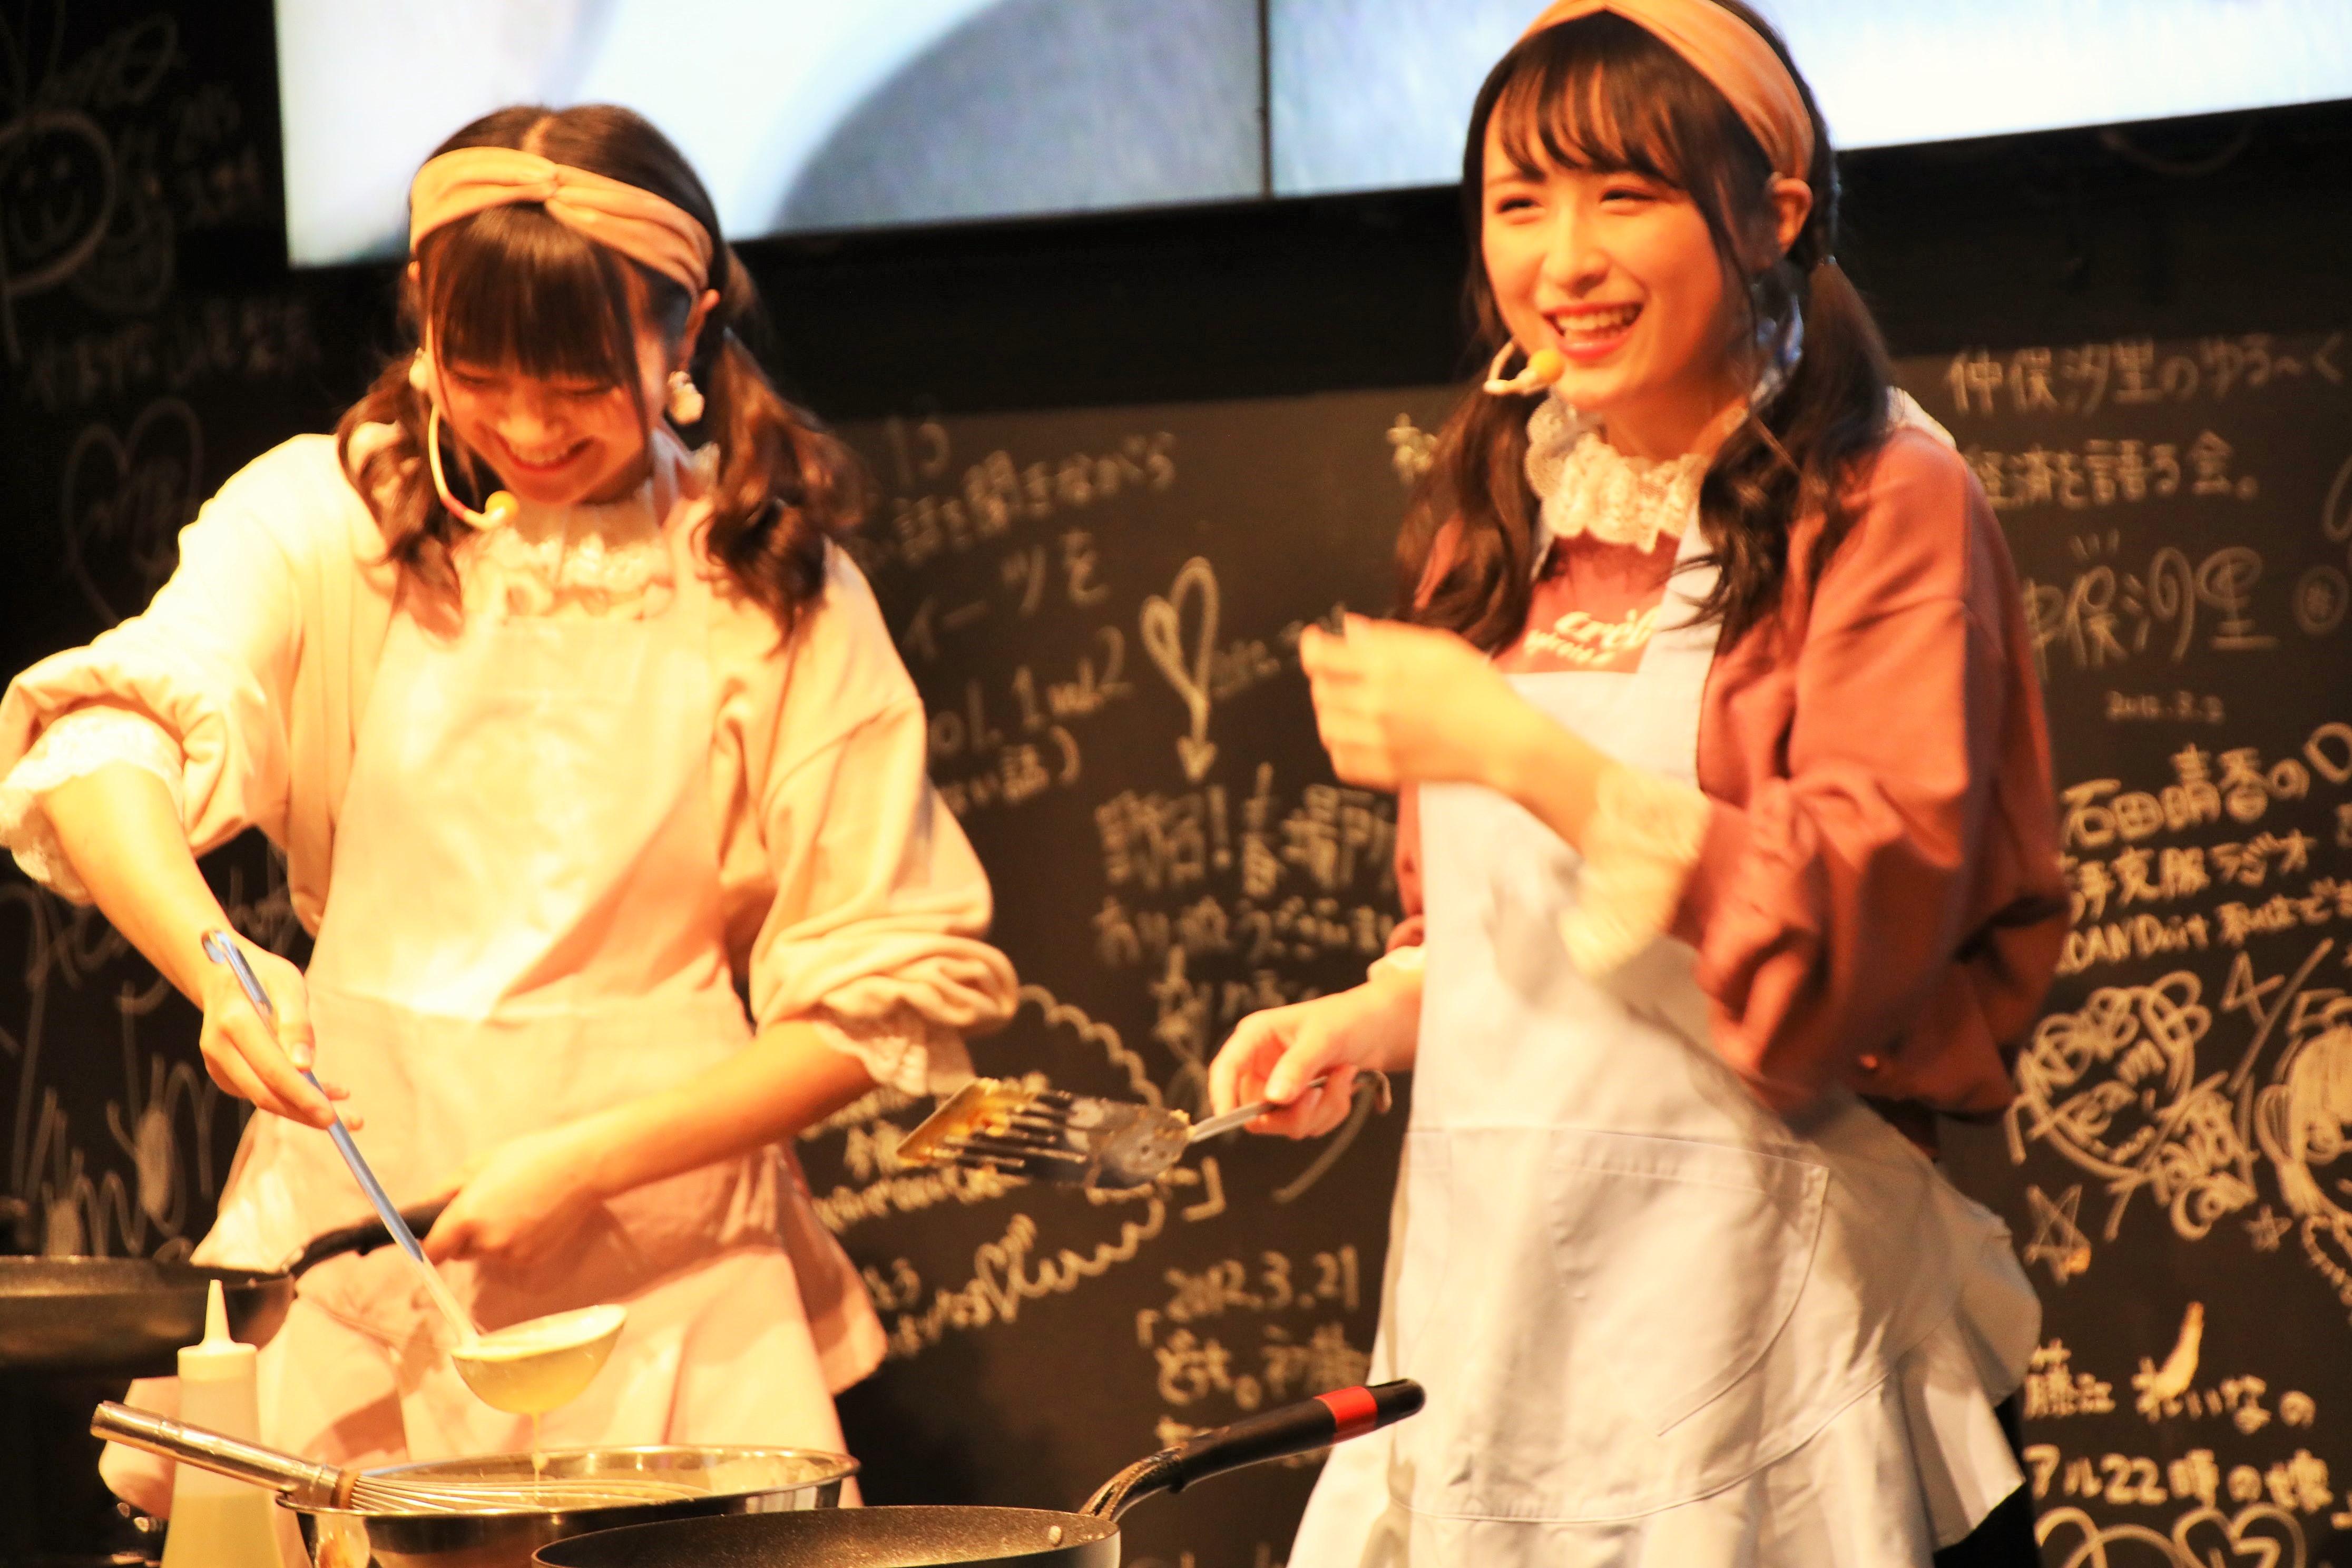 パンケーキ作りに挑む川本と稲垣